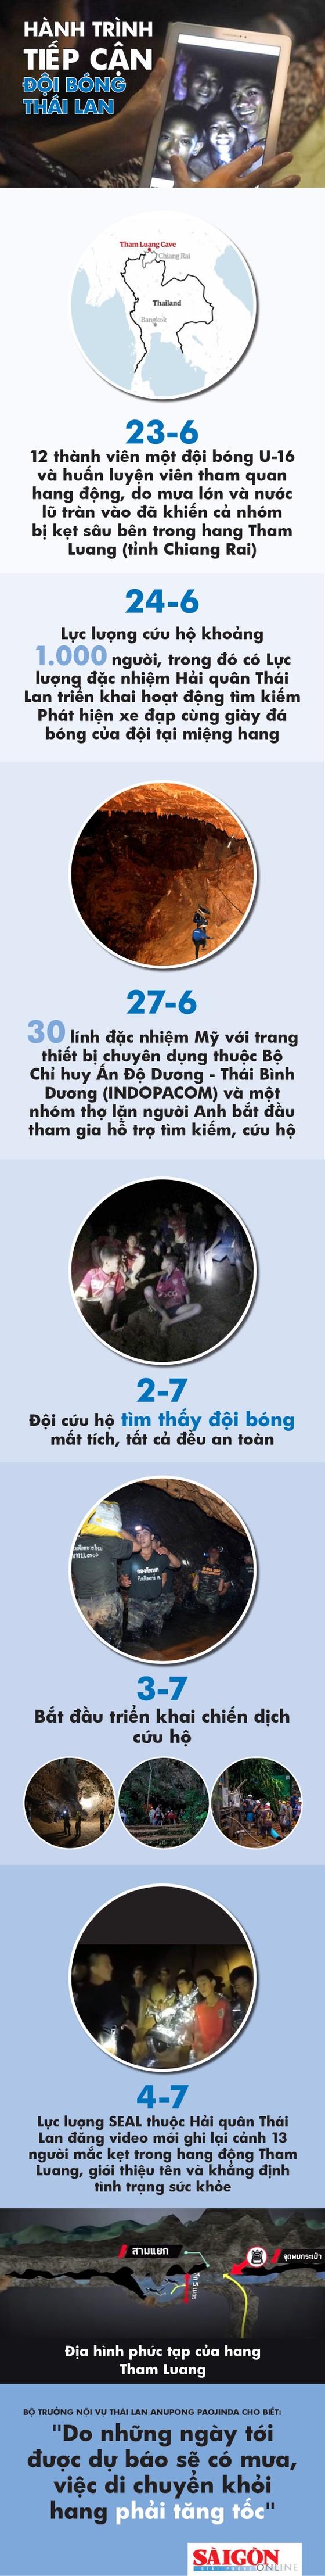 Video mới nhất về đội bóng nhí trên trang Facebook của Hải quân Thái ảnh 1